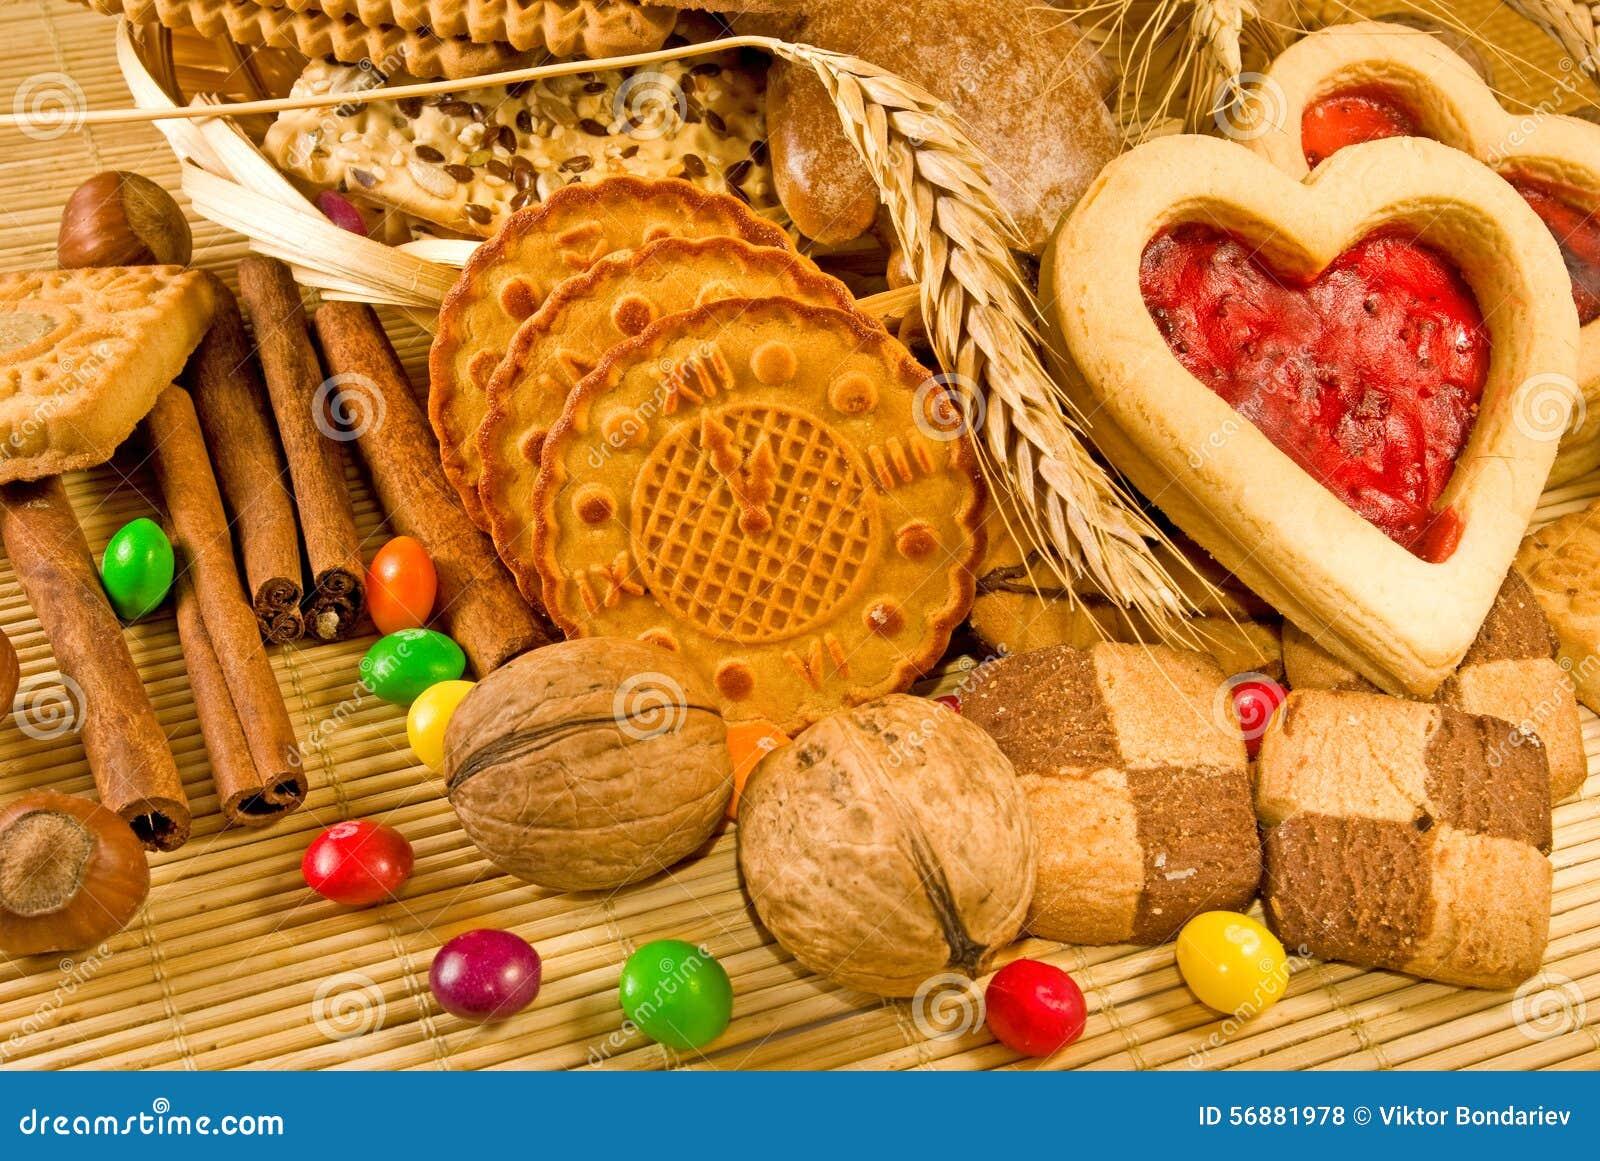 Primo piano di molti biscotti